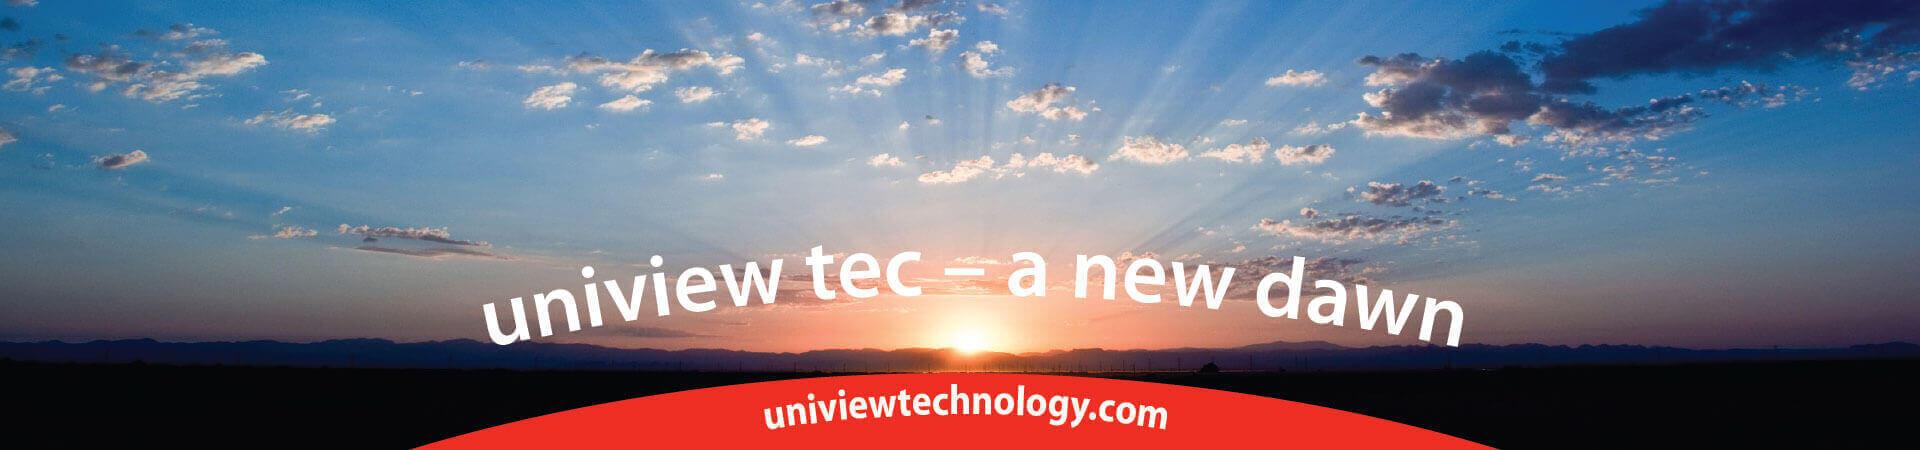 Uniview tec a new dawn